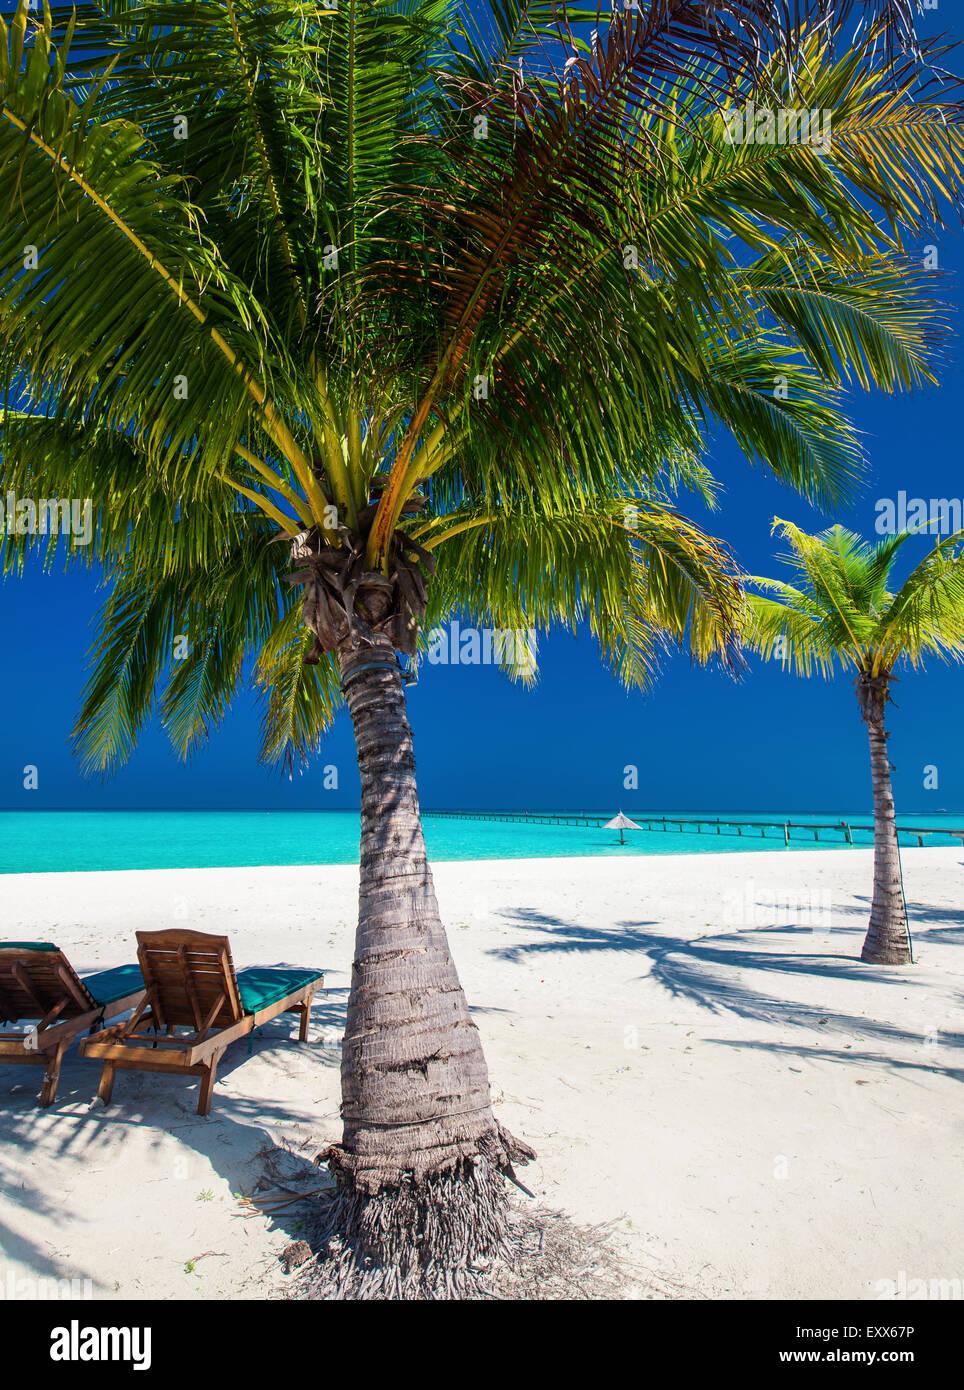 Sillas de cubierta bajo umrellas y palmeras en una playa tropical Imagen De Stock